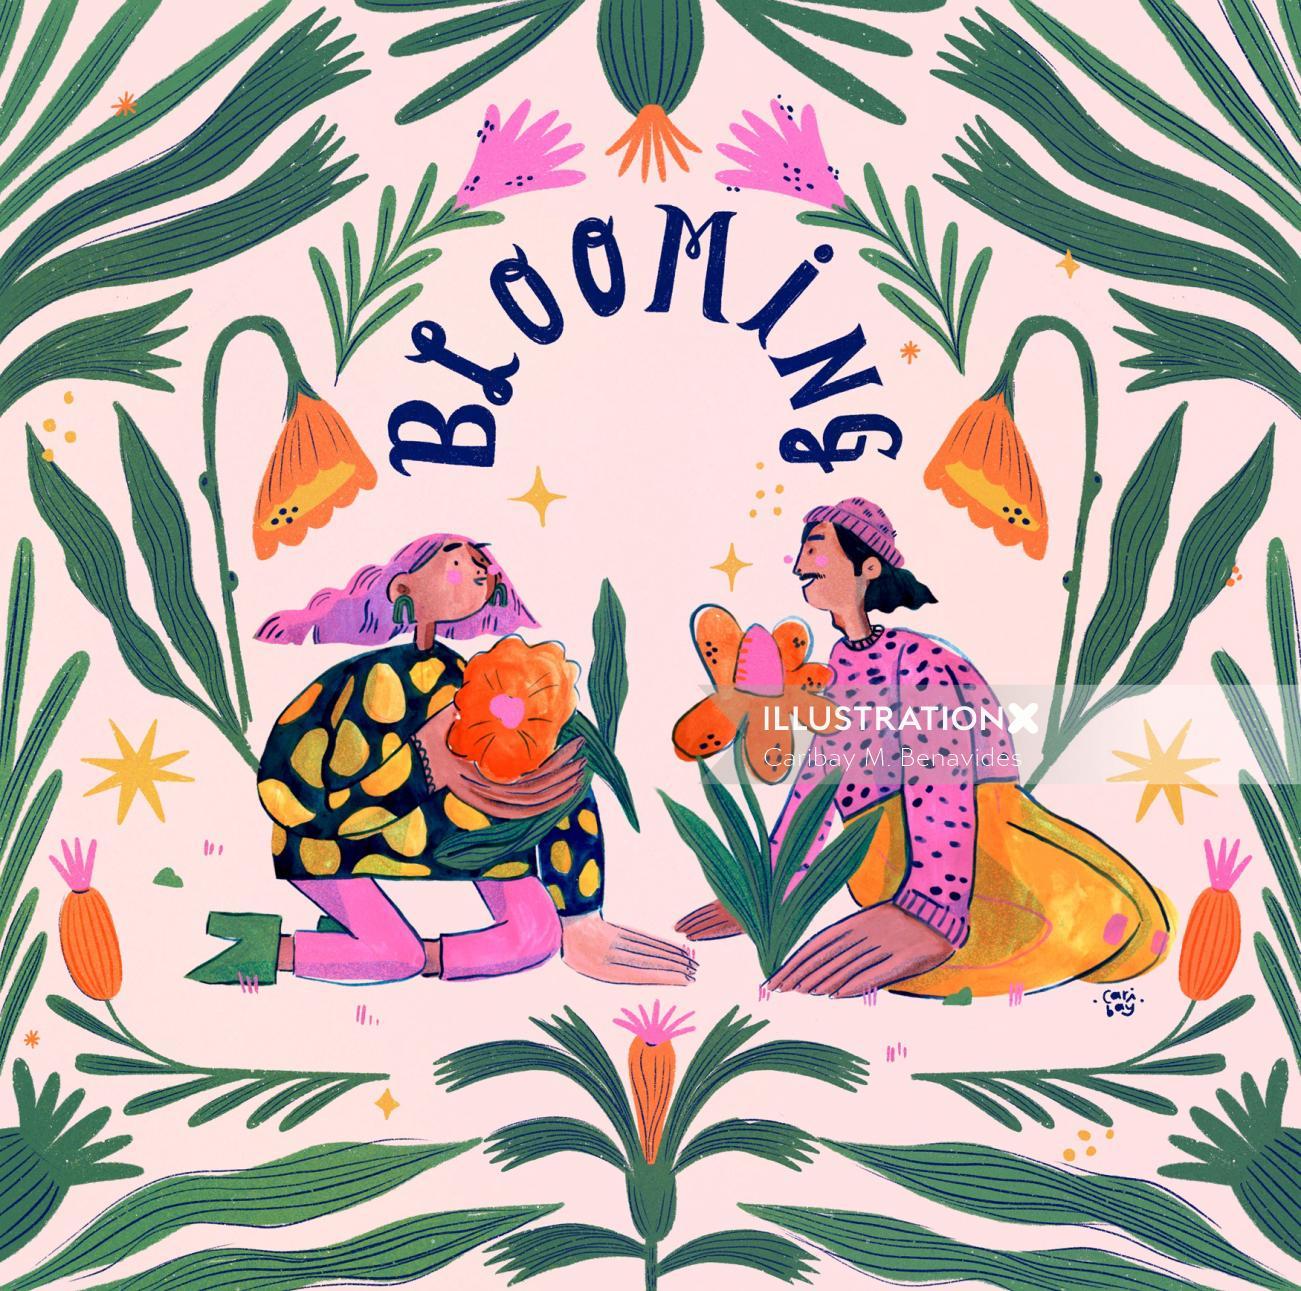 Digital painting of Blooming season